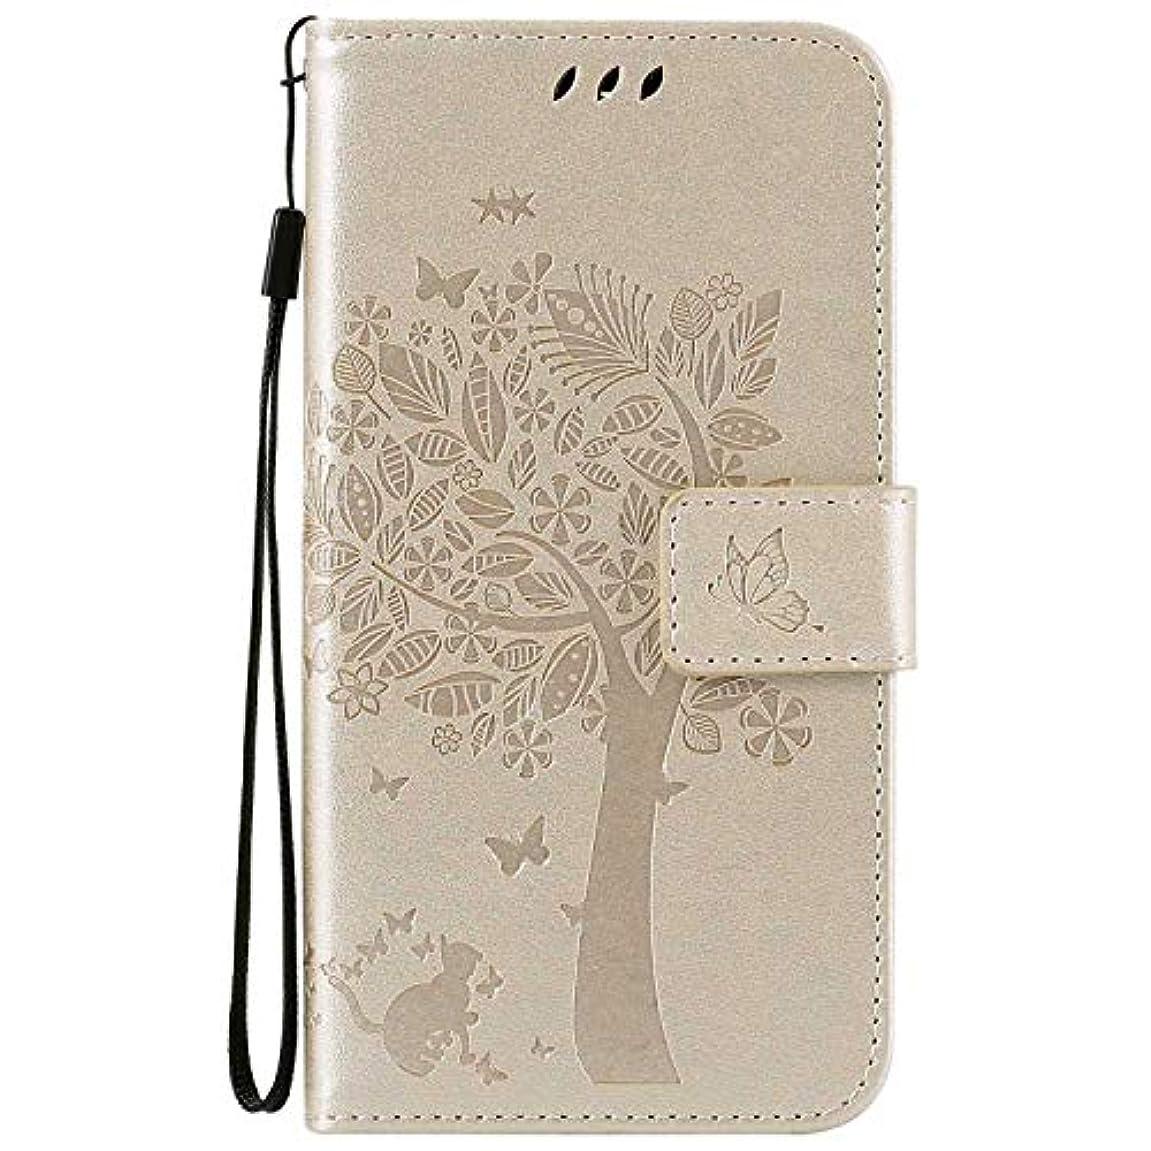 太い測定見落とすOMATENTI LG K7 / K8 ケース 手帳型ケース ウォレット型 カード収納 ストラップ付き 高級感PUレザー 押し花木柄 落下防止 財布型 カバー LG K7 / K8 用 Case Cover, 白